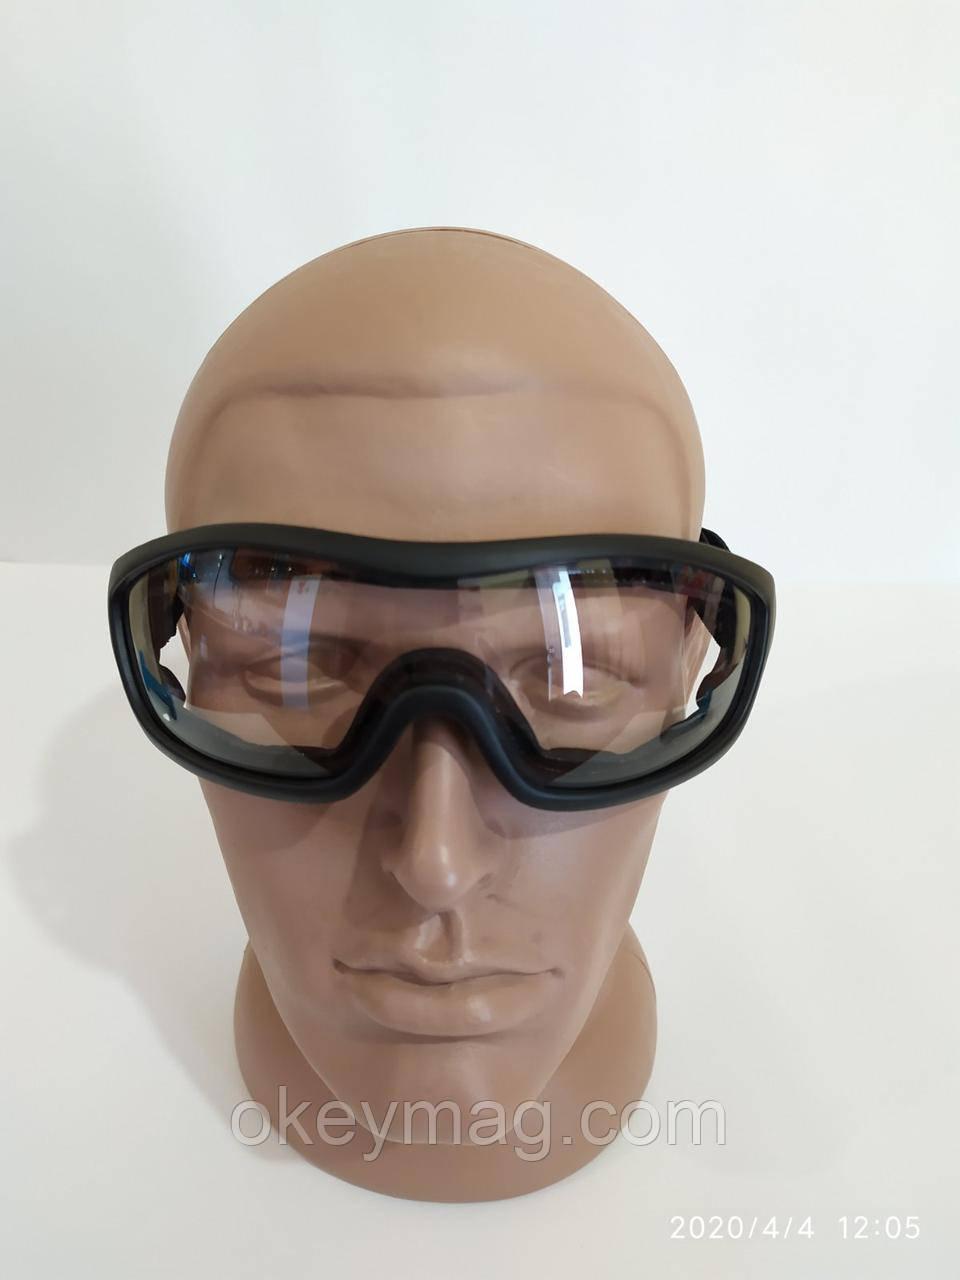 Маска защитная тактическая, защитные очки ударопрочные